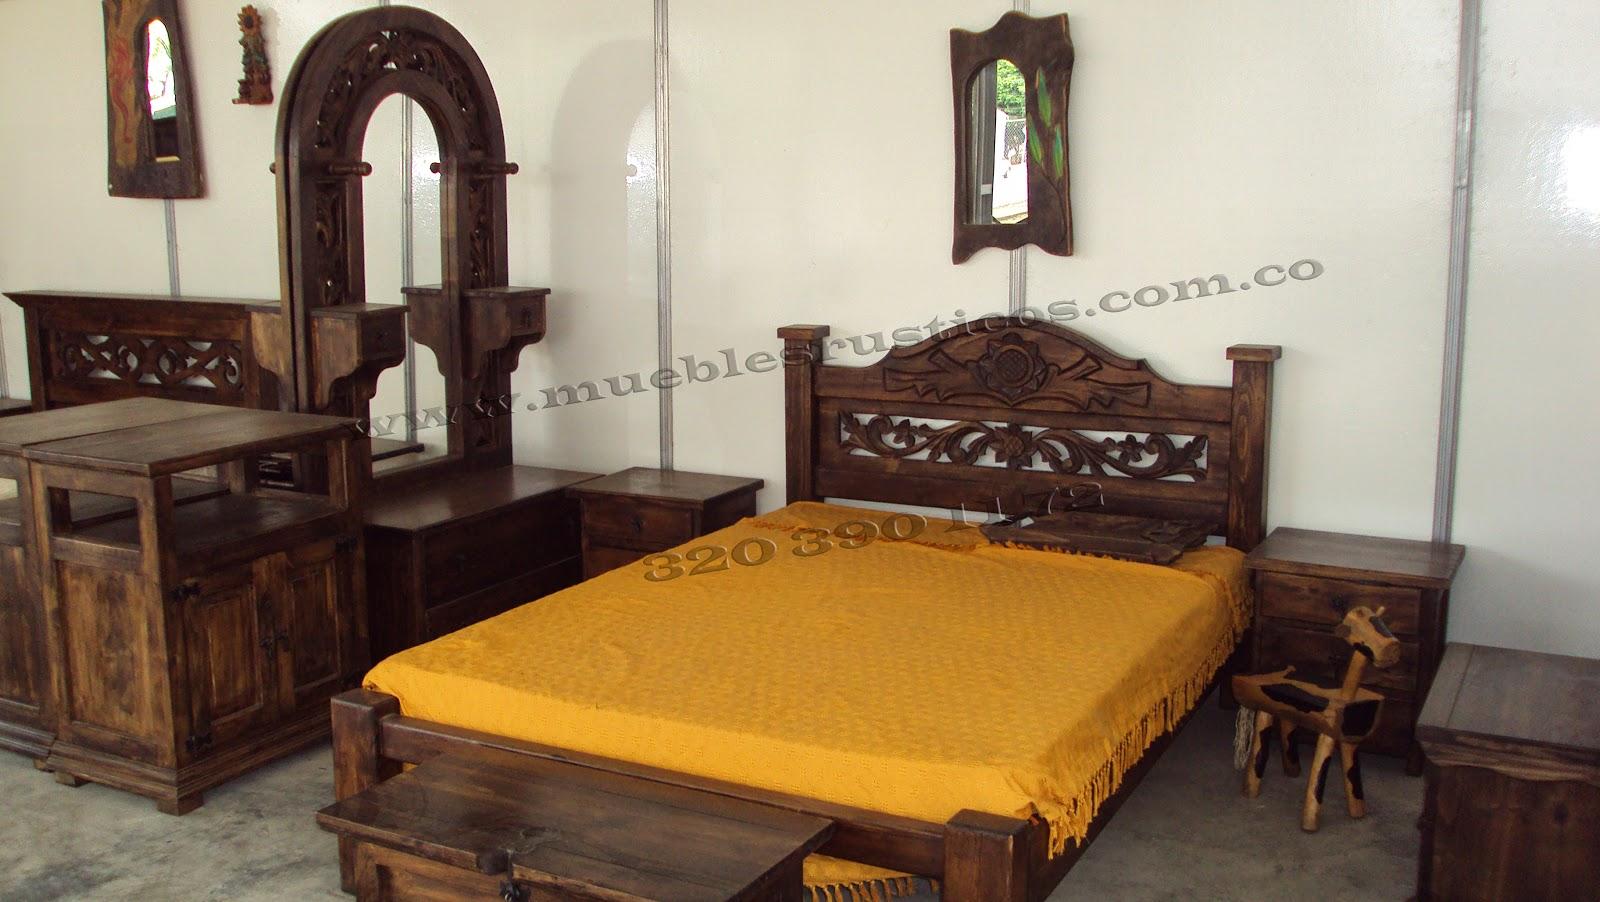 Muebles rusticos en madera muebles rusticos de madera Napsix muebles usados mendoza